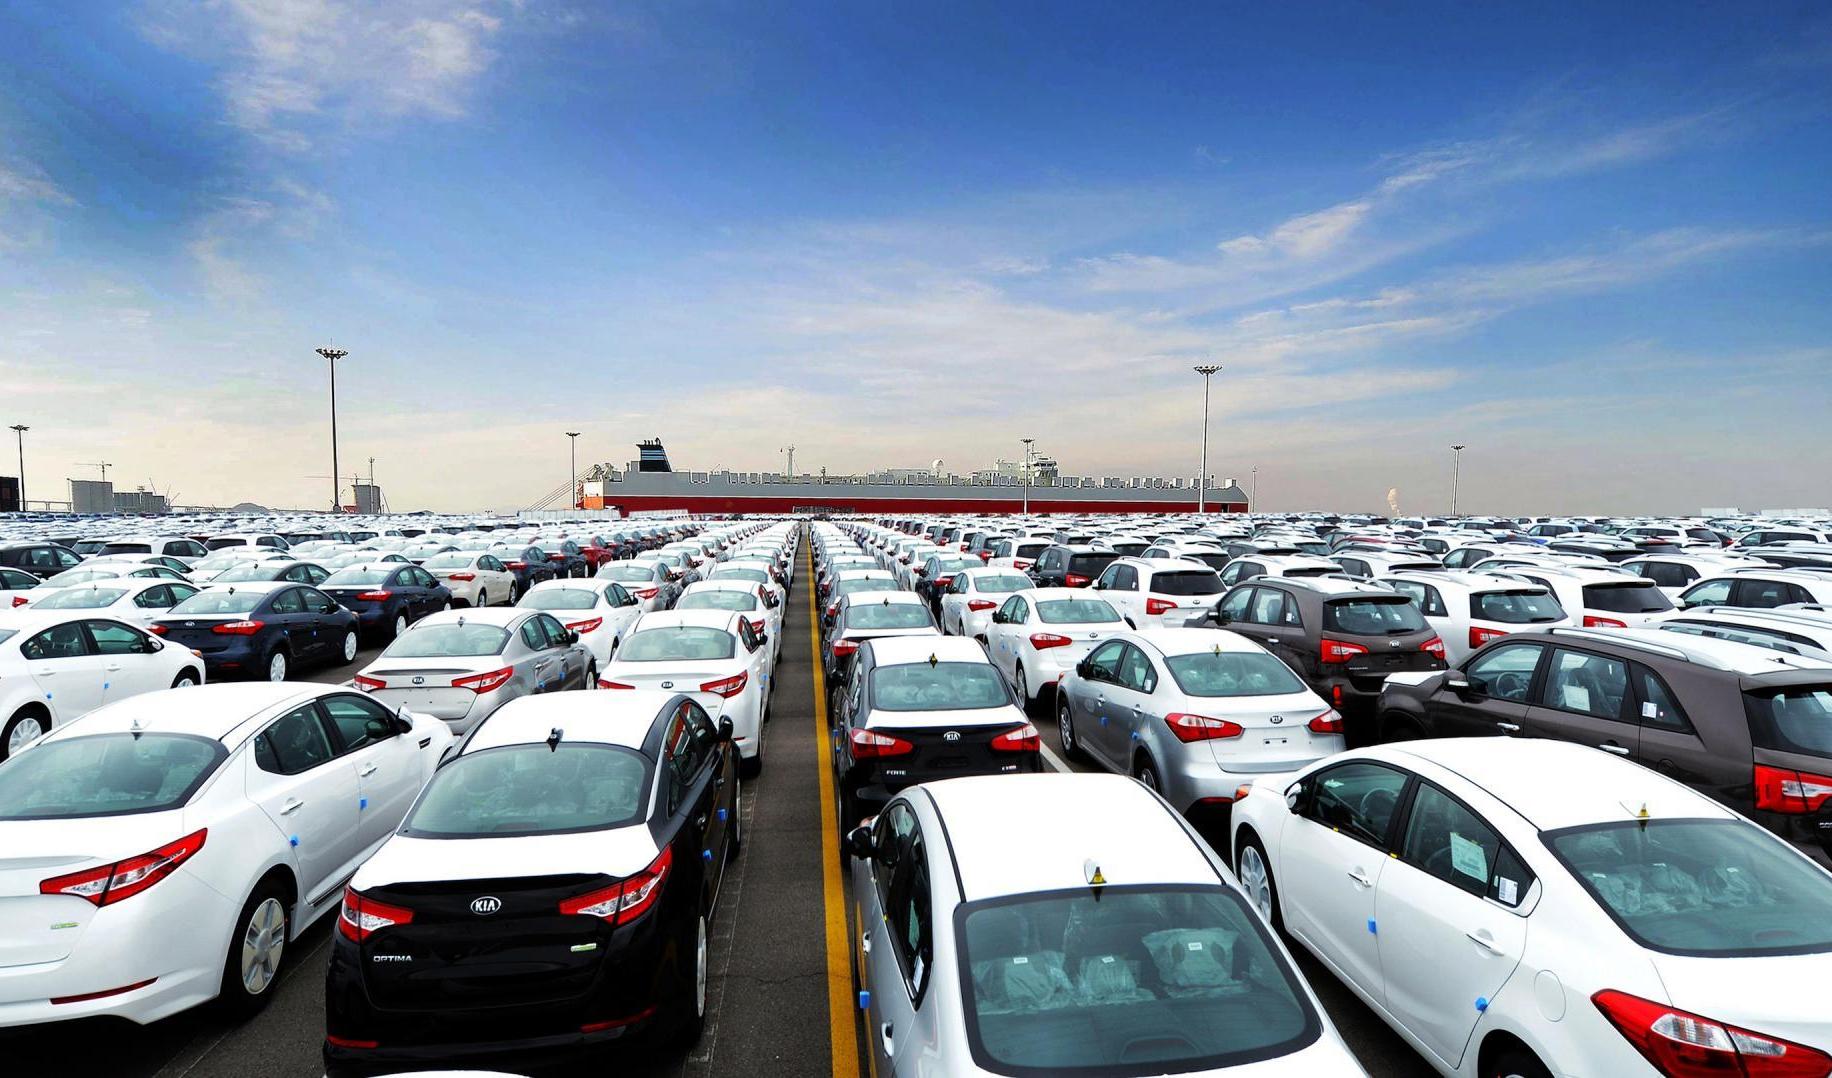 پیشنهاد وزیر اقتصاد به دولت برای ترخیص ۵۱۰۰ خودروی دپو شده